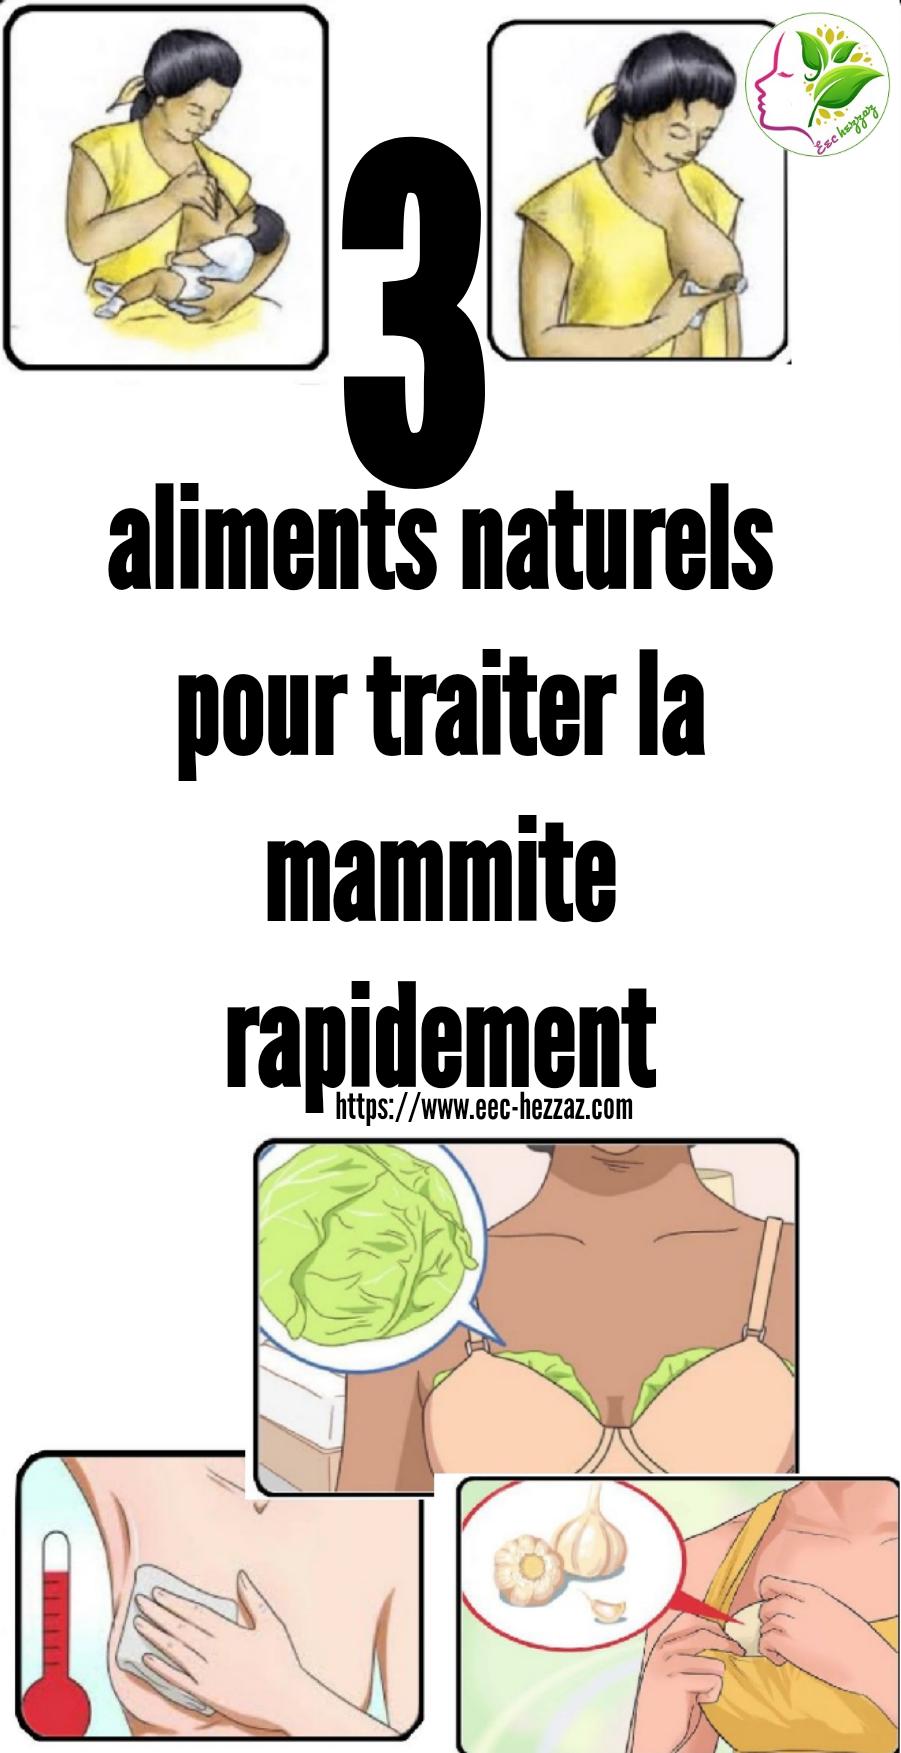 3 aliments naturels pour traiter la mammite rapidement